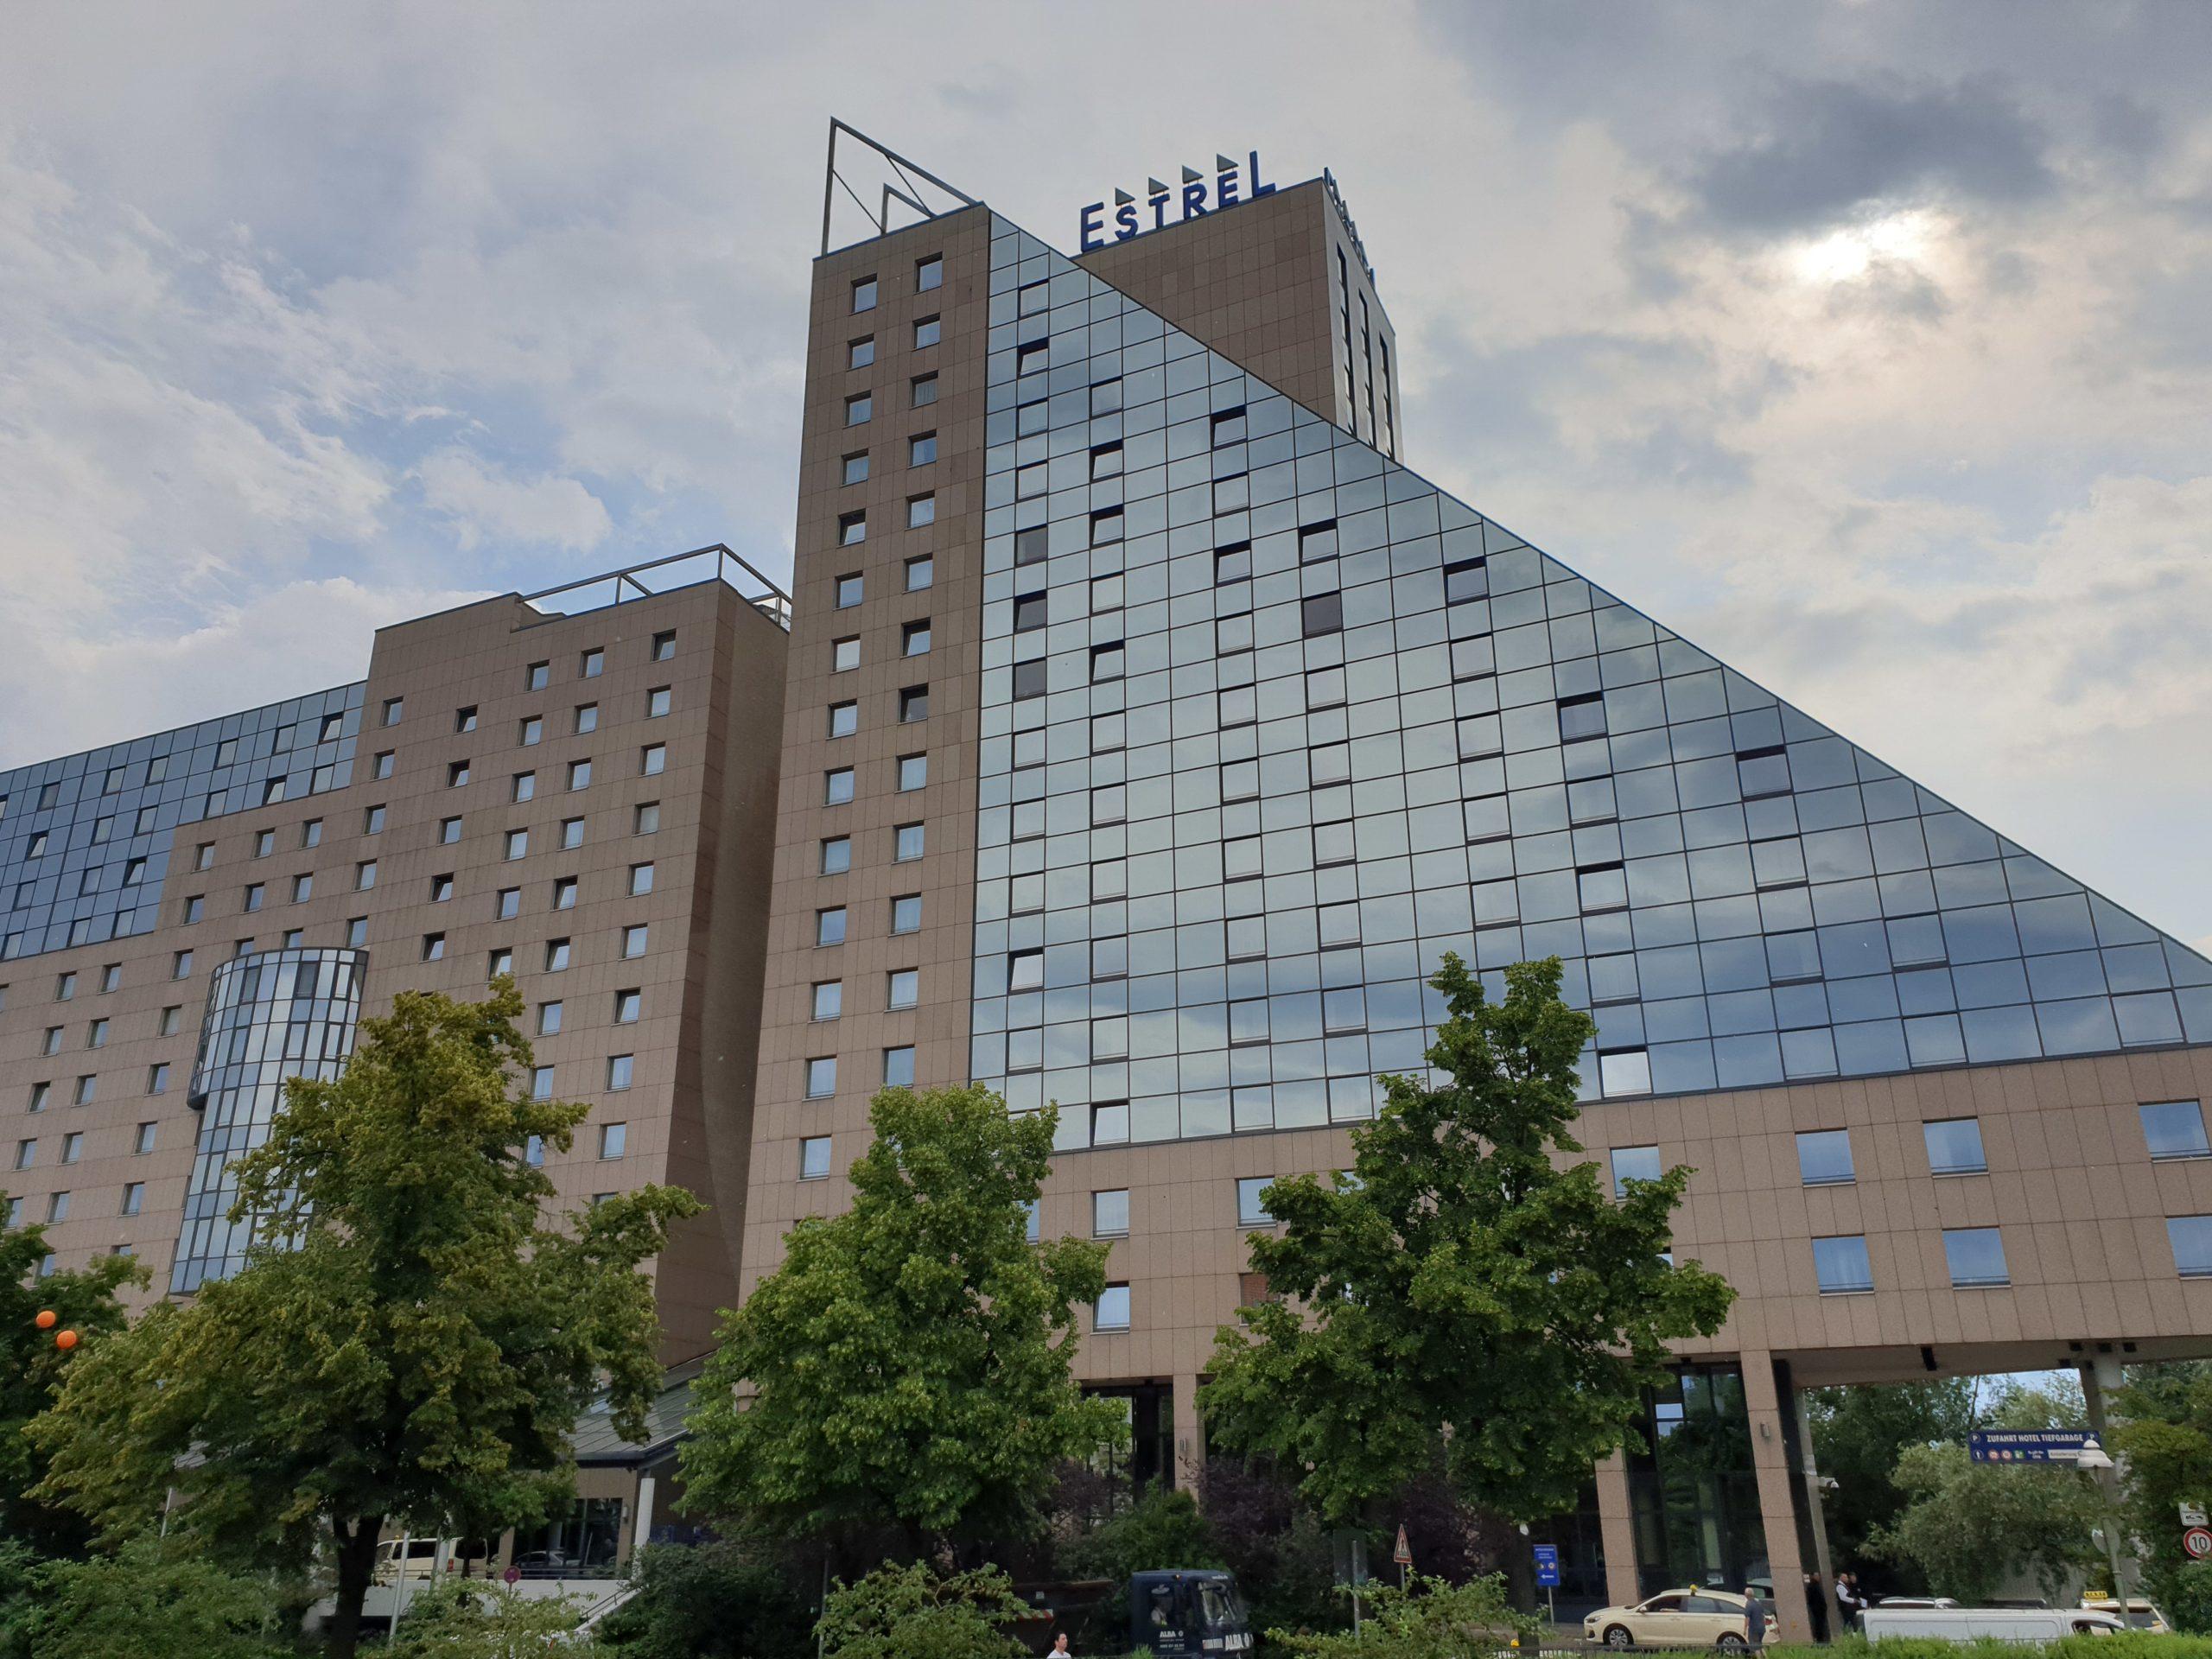 Estrel Berlin Building